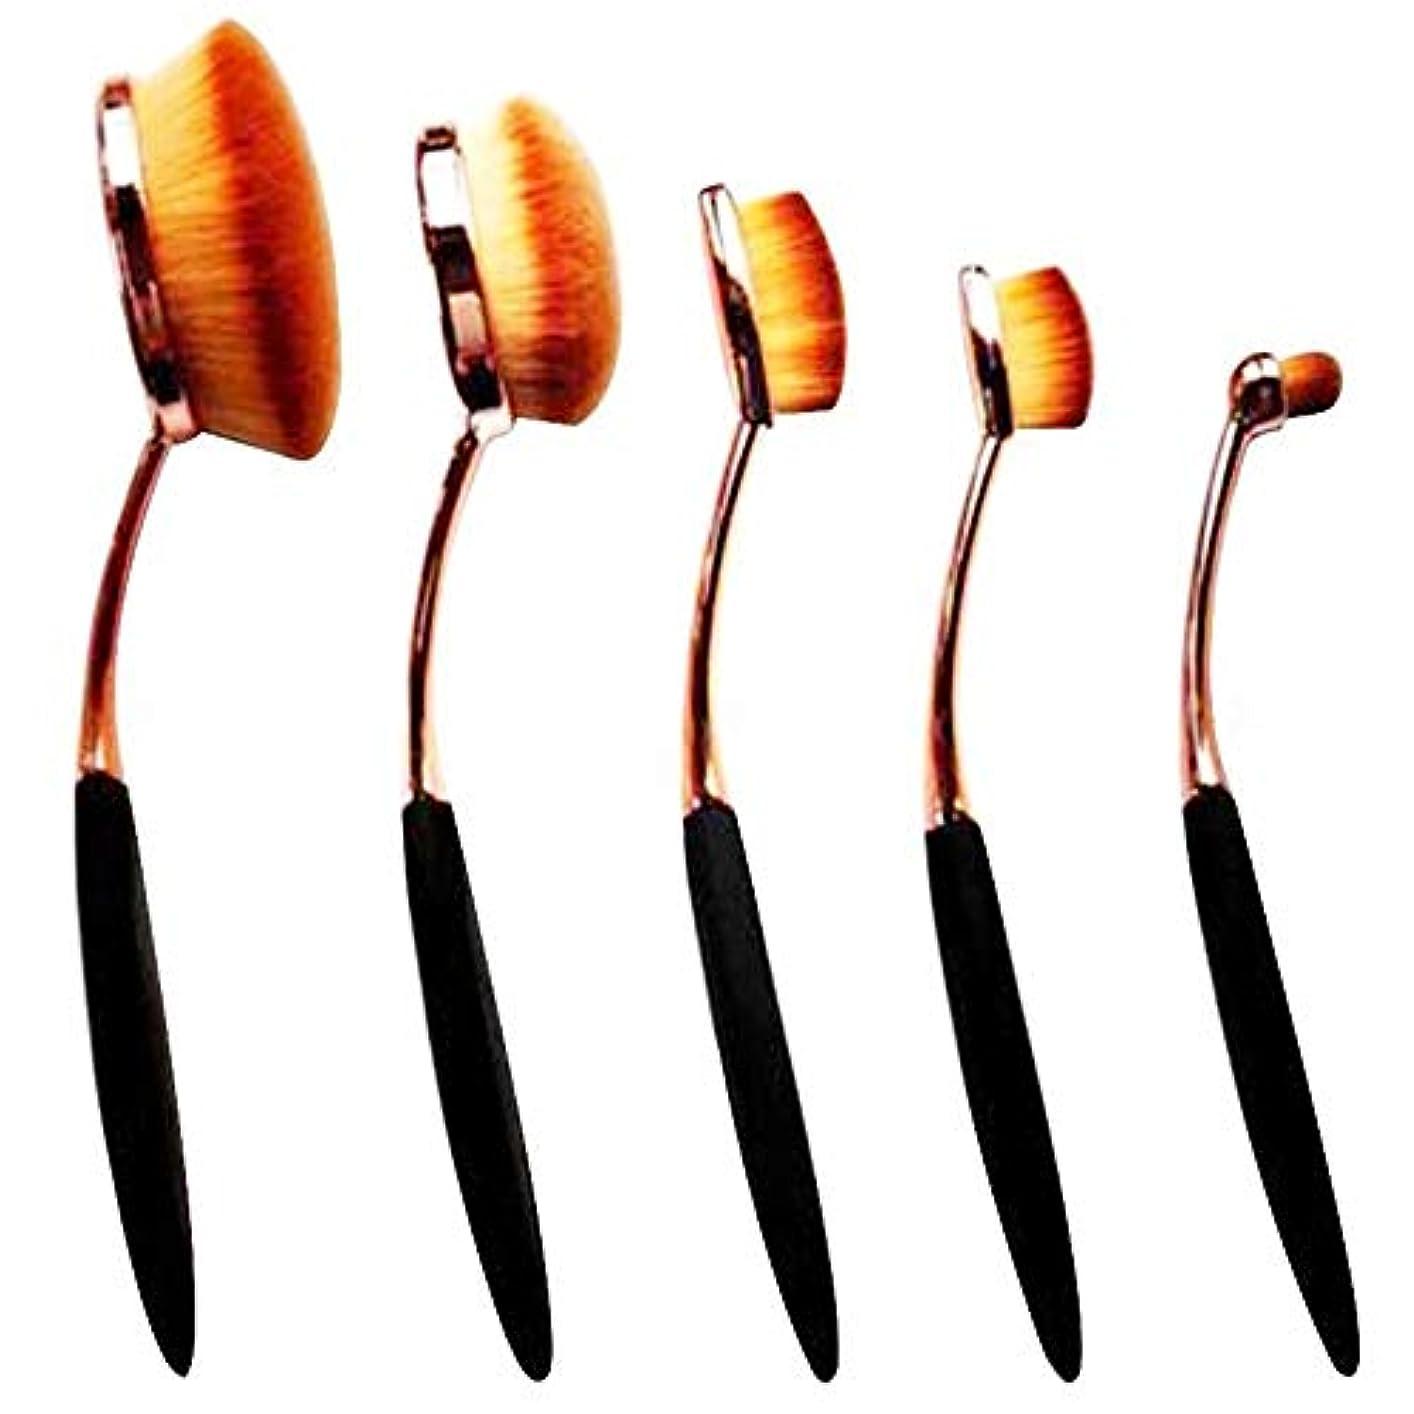 悪行小売実業家5個 専用 化粧ブラシ 歯ブラシ型 高級繊維毛 ファンデーションブラシ メイクブラシ メイクアップブラシ コスメ 化粧 ファンデーションブラシ